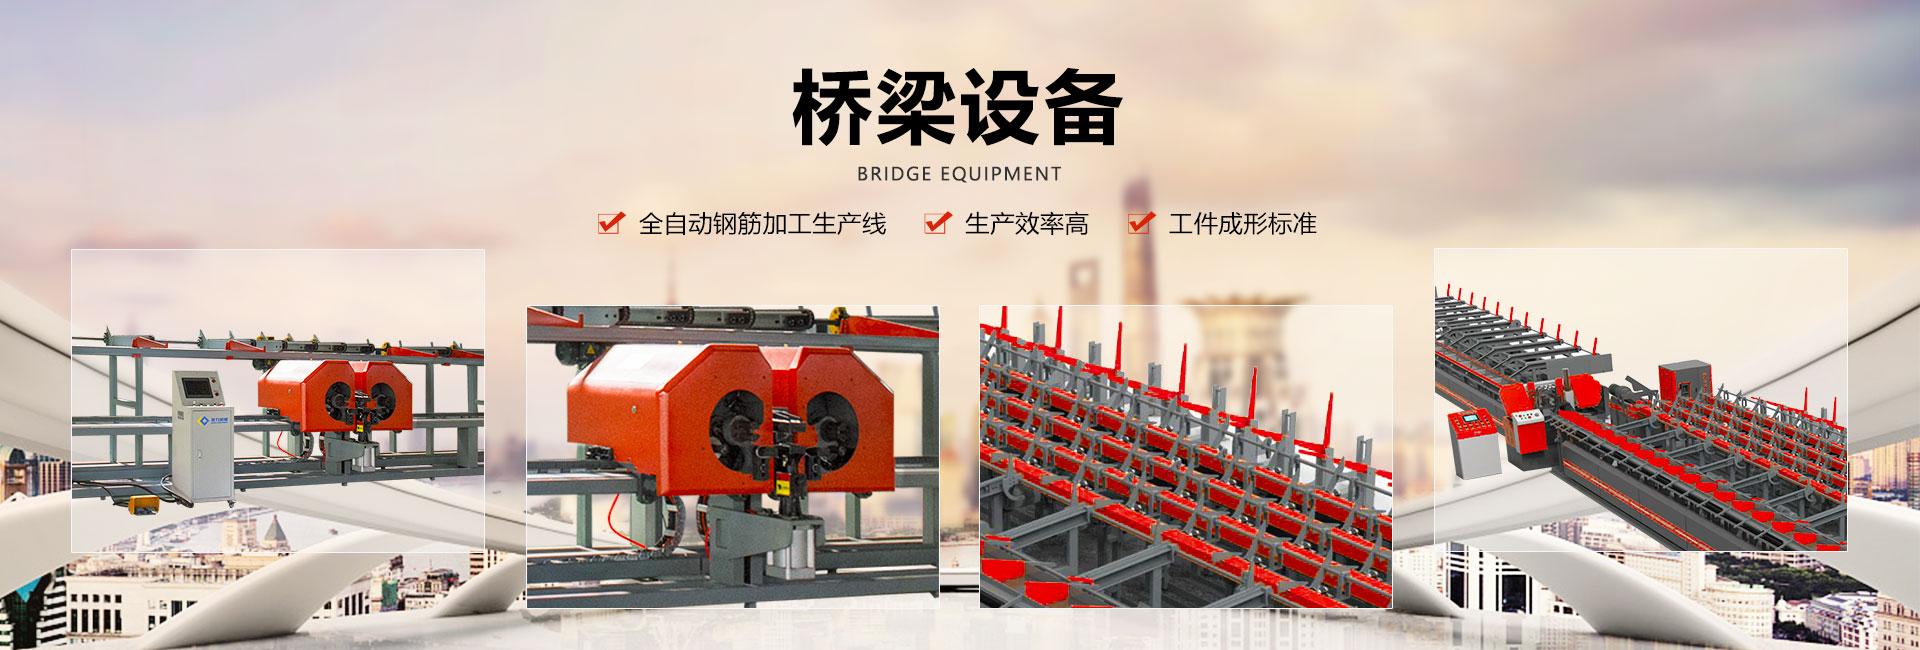 桥梁钢筋加工设备 桥梁设备 数控钢筋加工设备